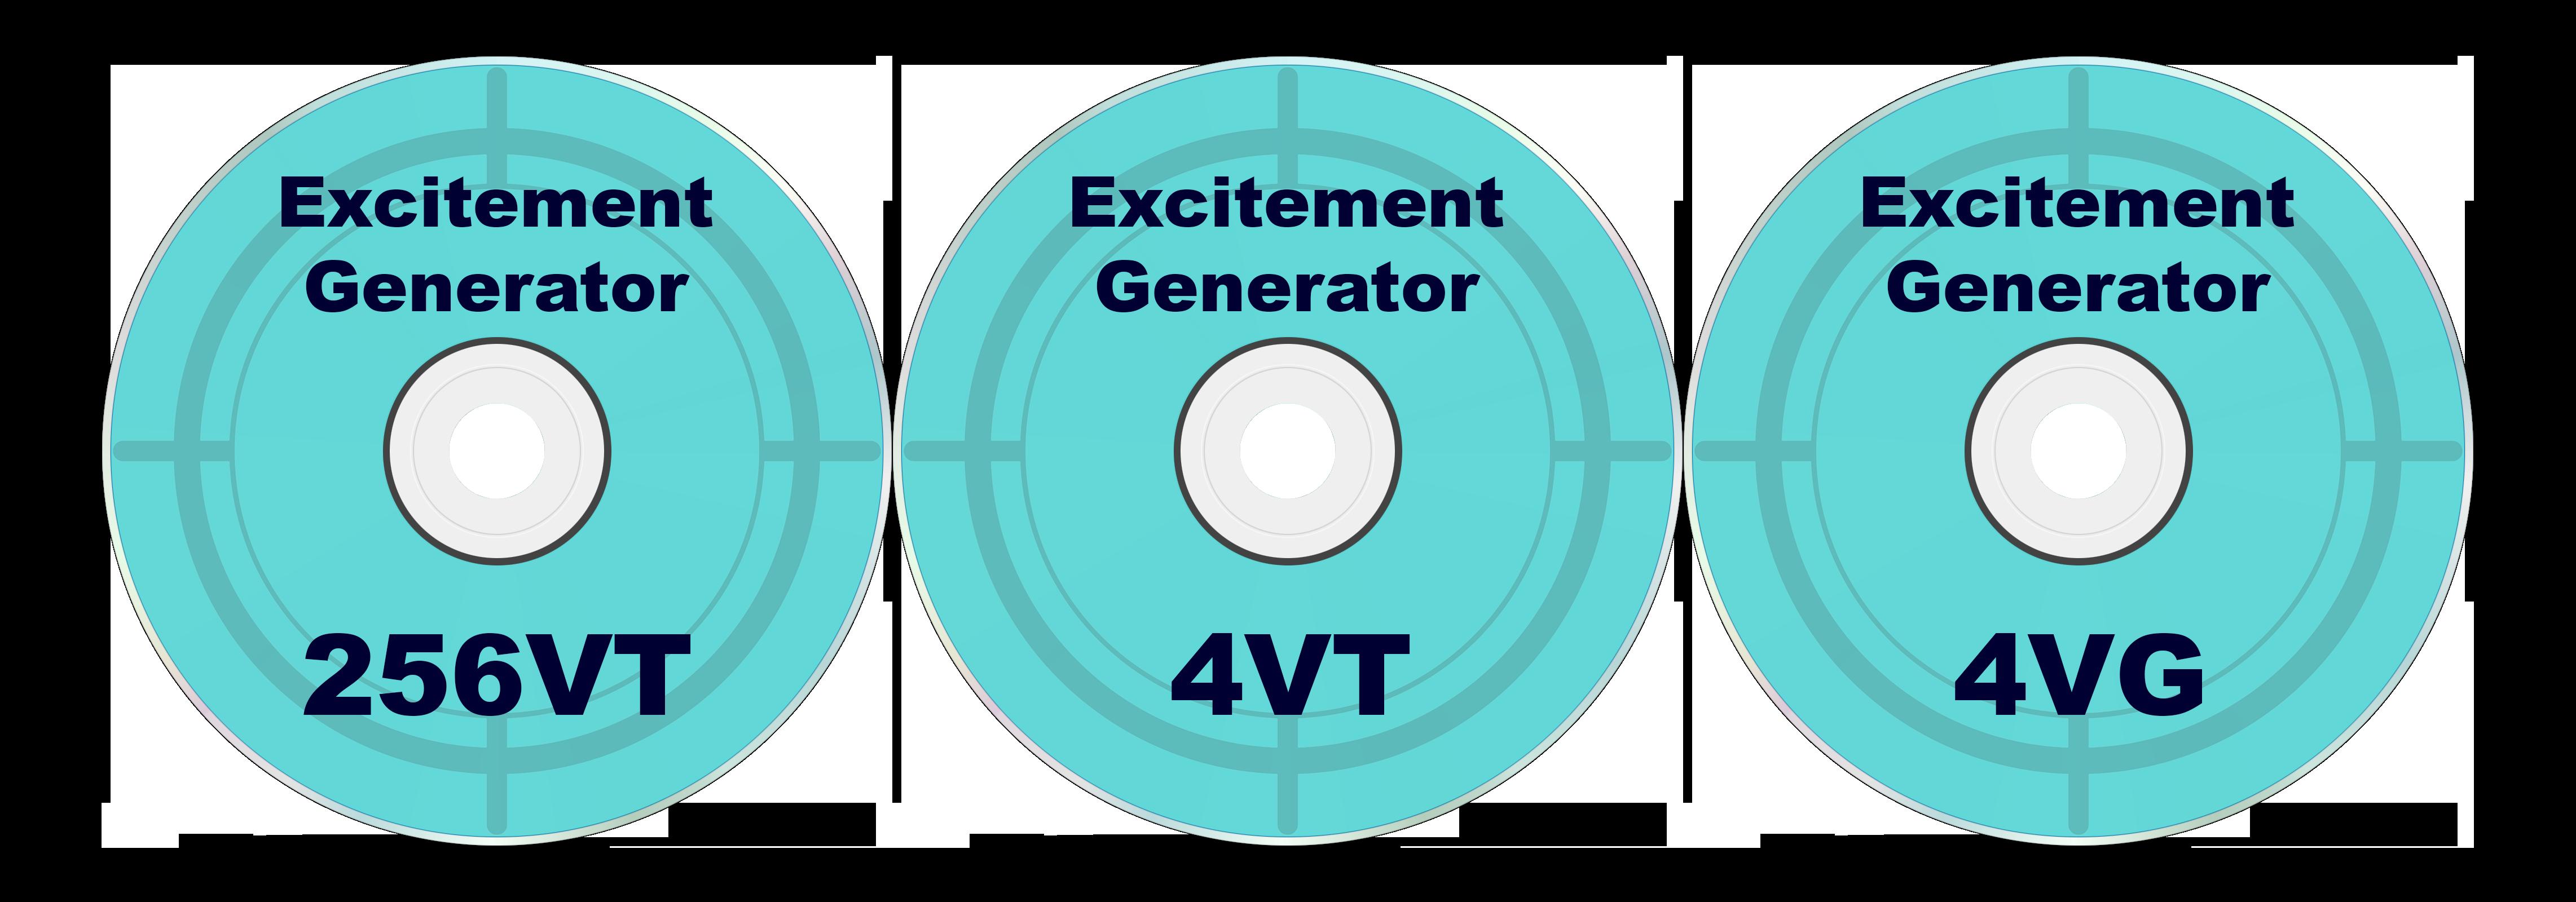 Excitement Generator